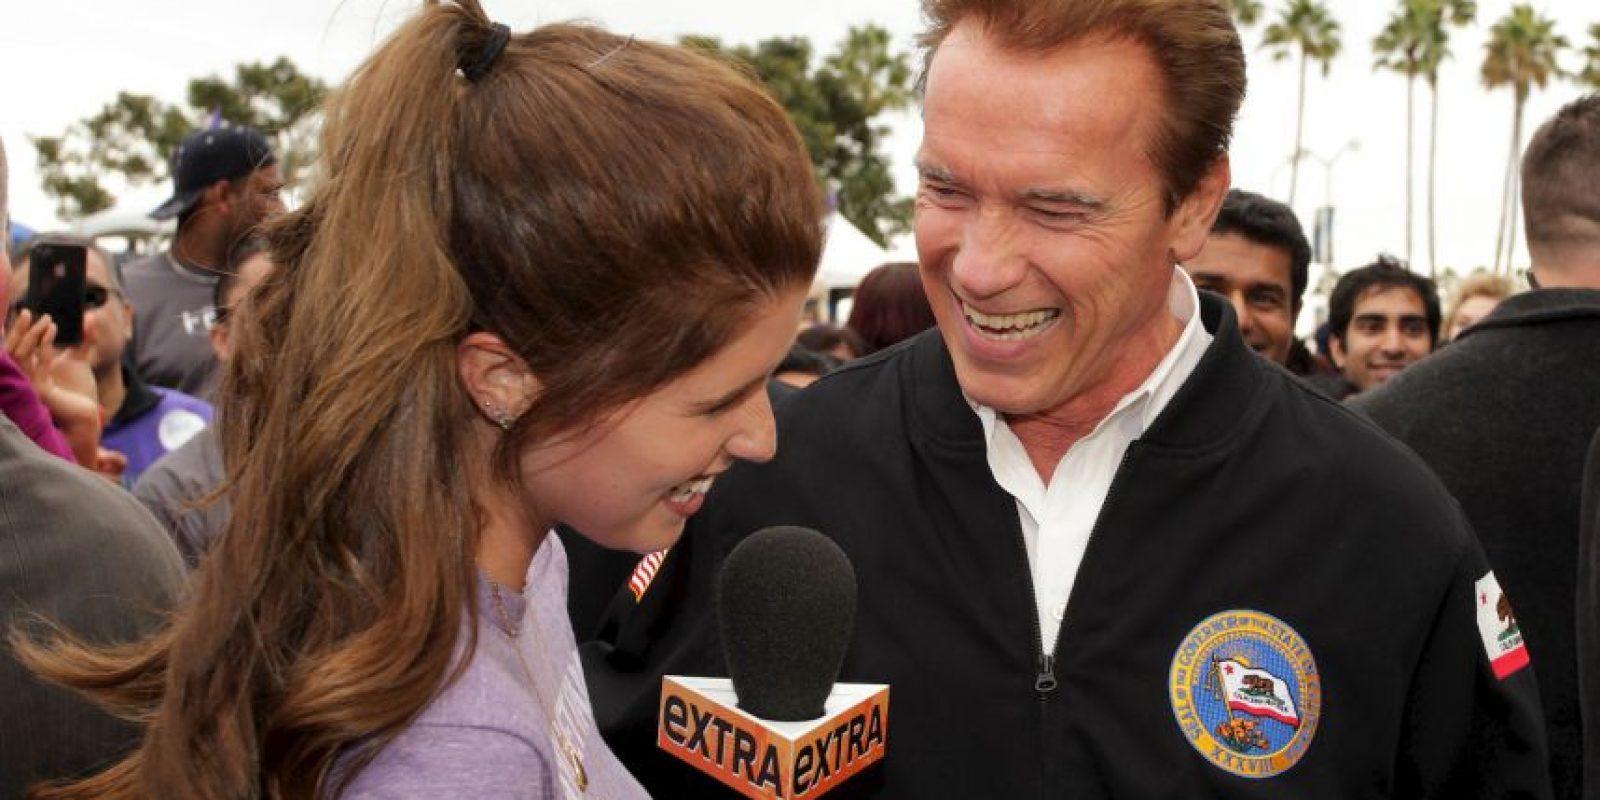 Arnold Schwarzenegger y Maria Shriver decidieron separarse de la noche a la mañana tras 25 años de matrimonio Foto:Getty Images